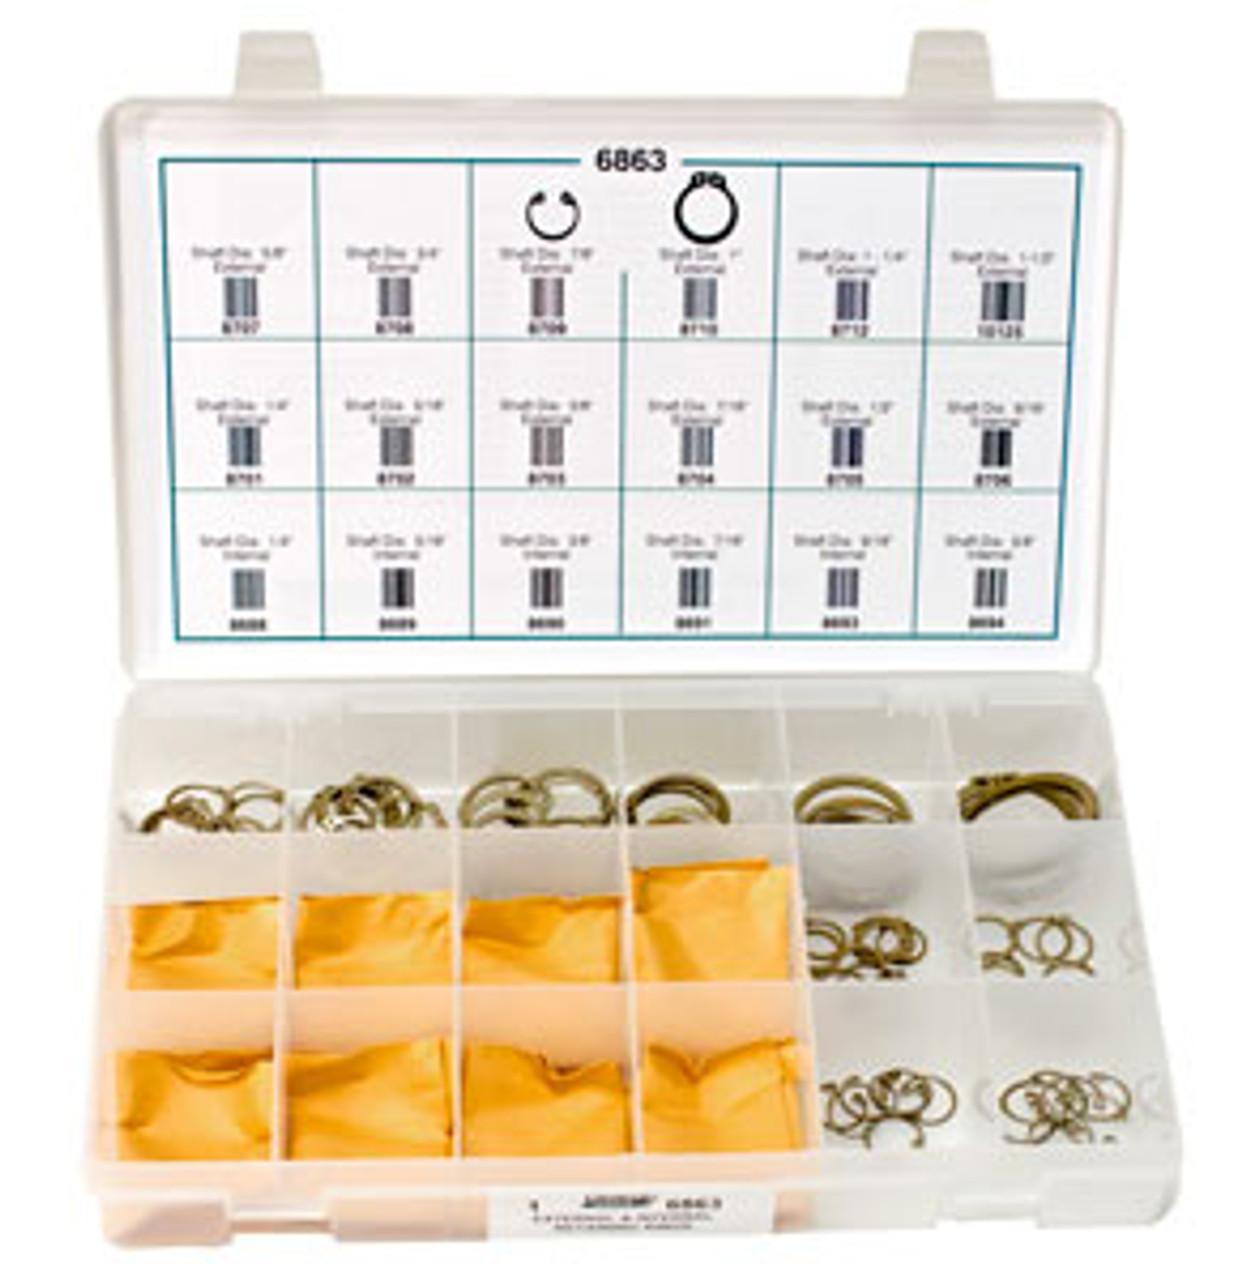 6863 External Internal Retaining Rings Quick Select Kit